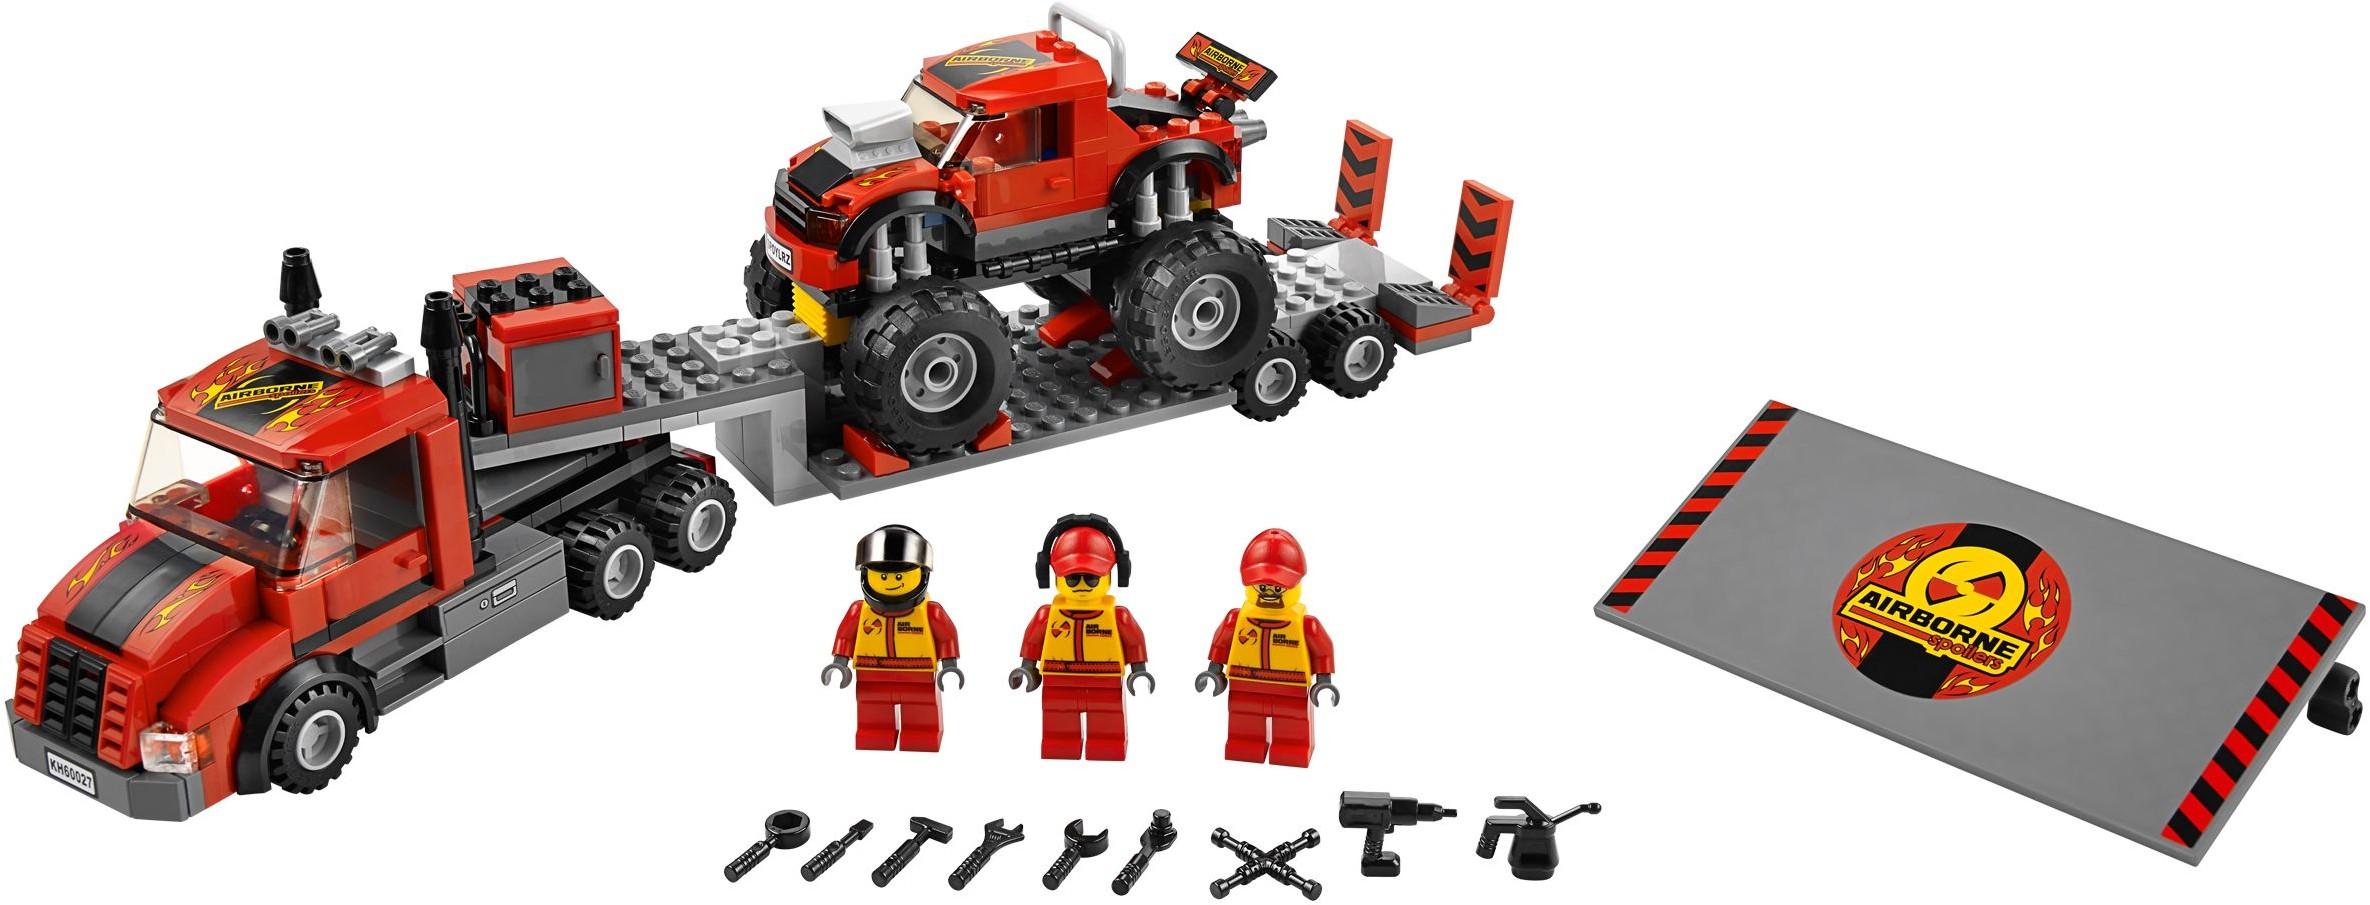 Monster-Truck Transporter 60027